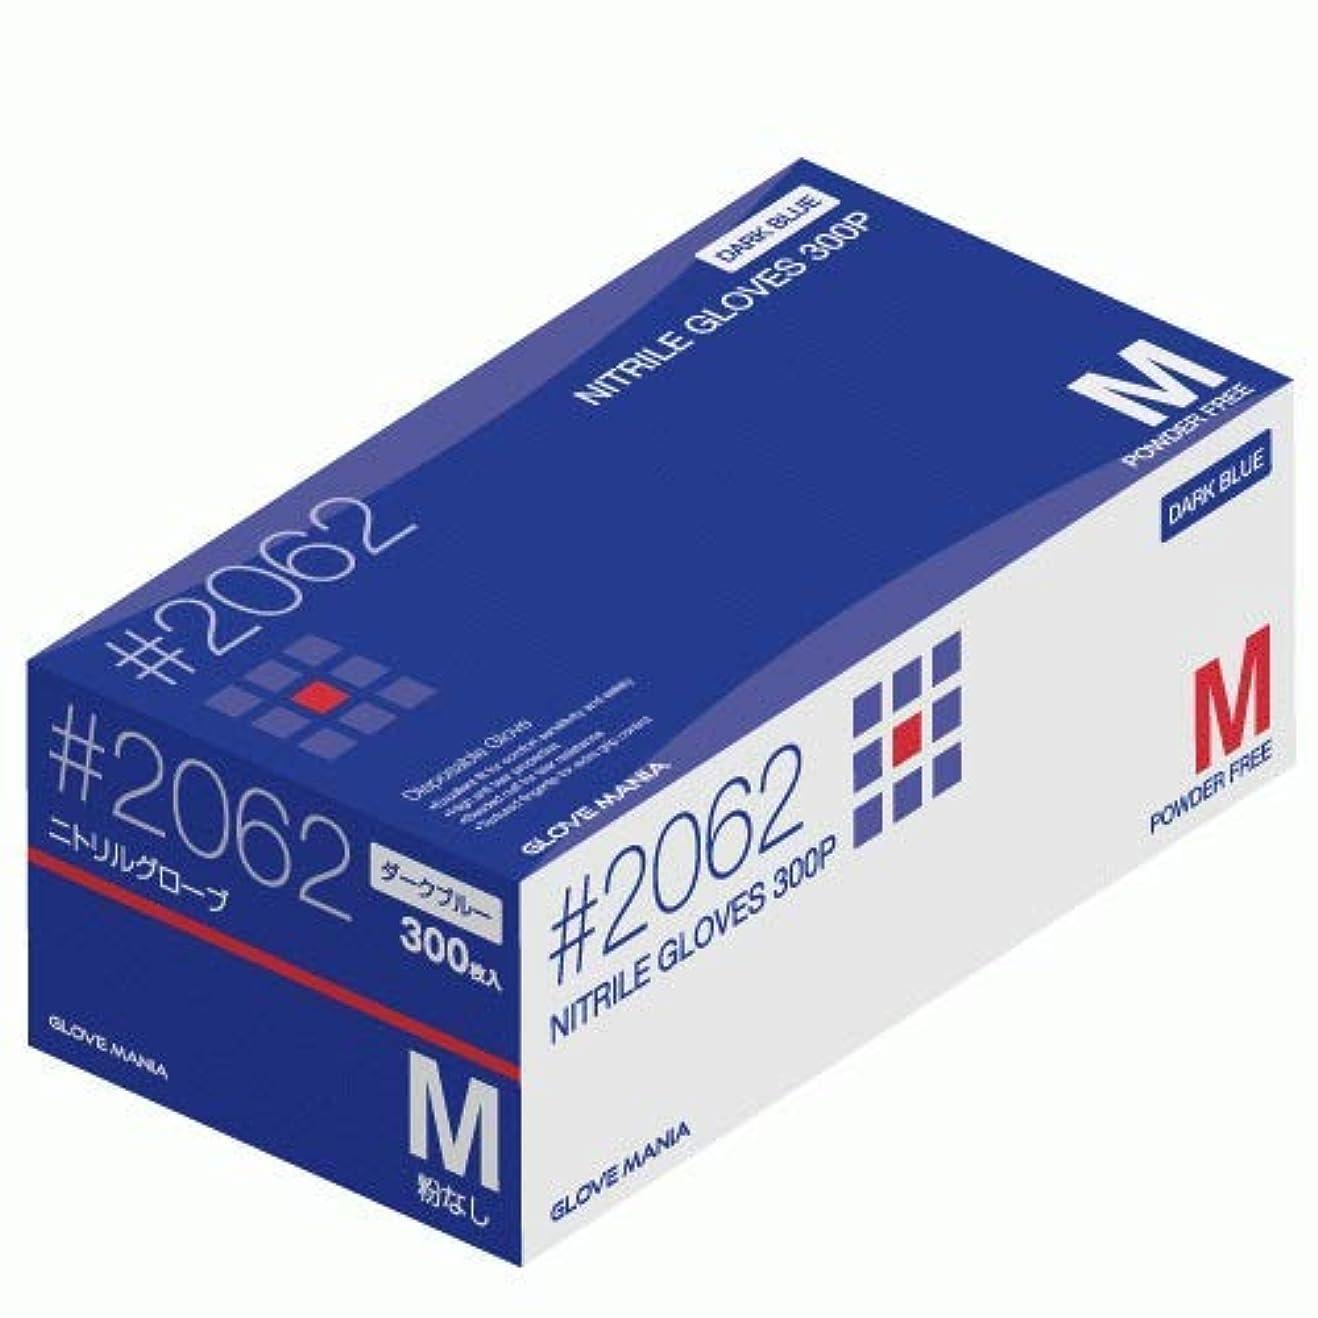 作りデコードする選ぶ【ニトリル手袋】2062ニトリルグローブ ダークブルー 粉無 M 1箱300枚